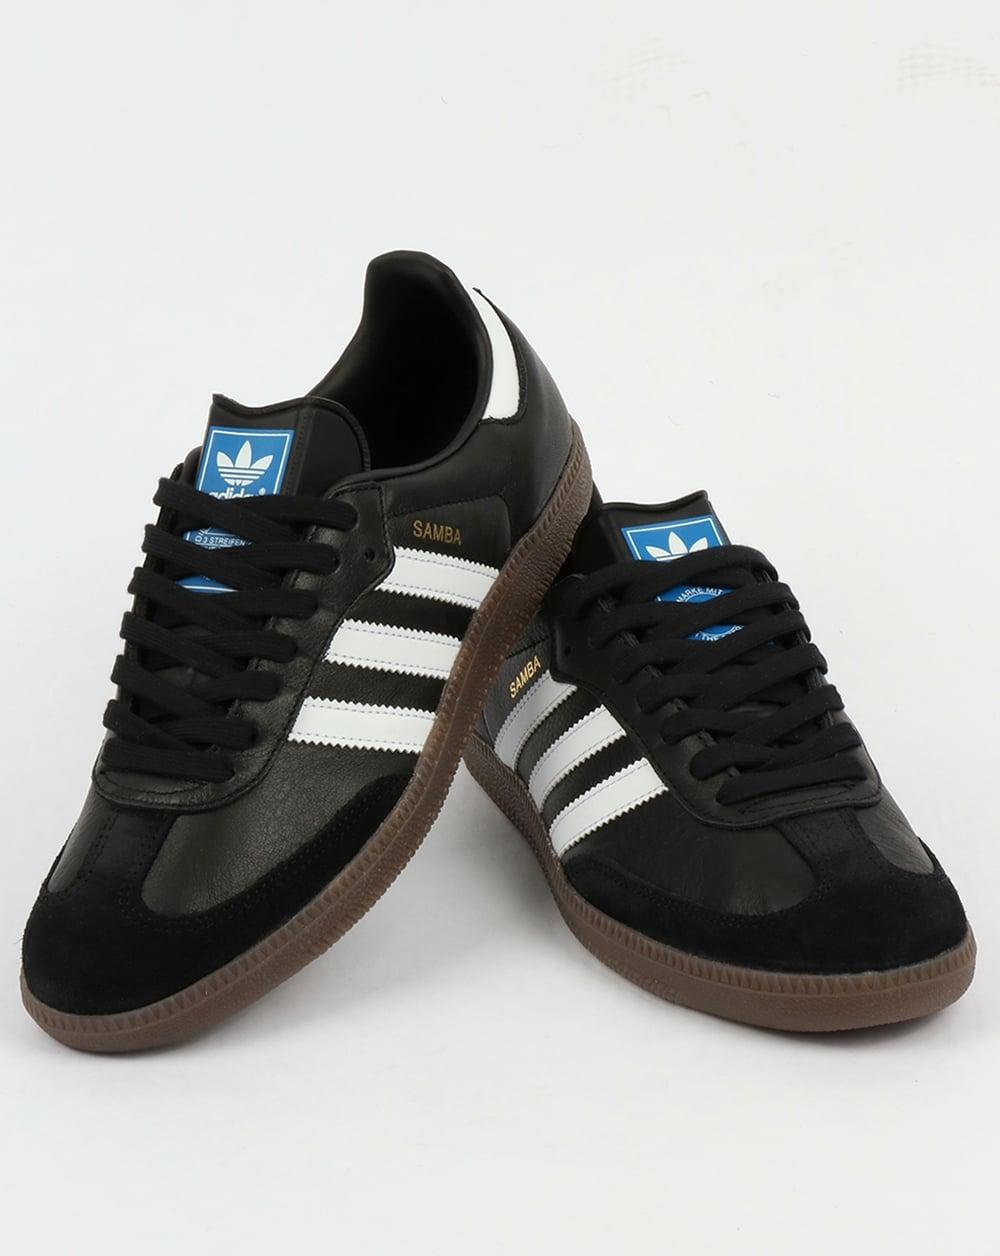 adidas samba og trainers for men